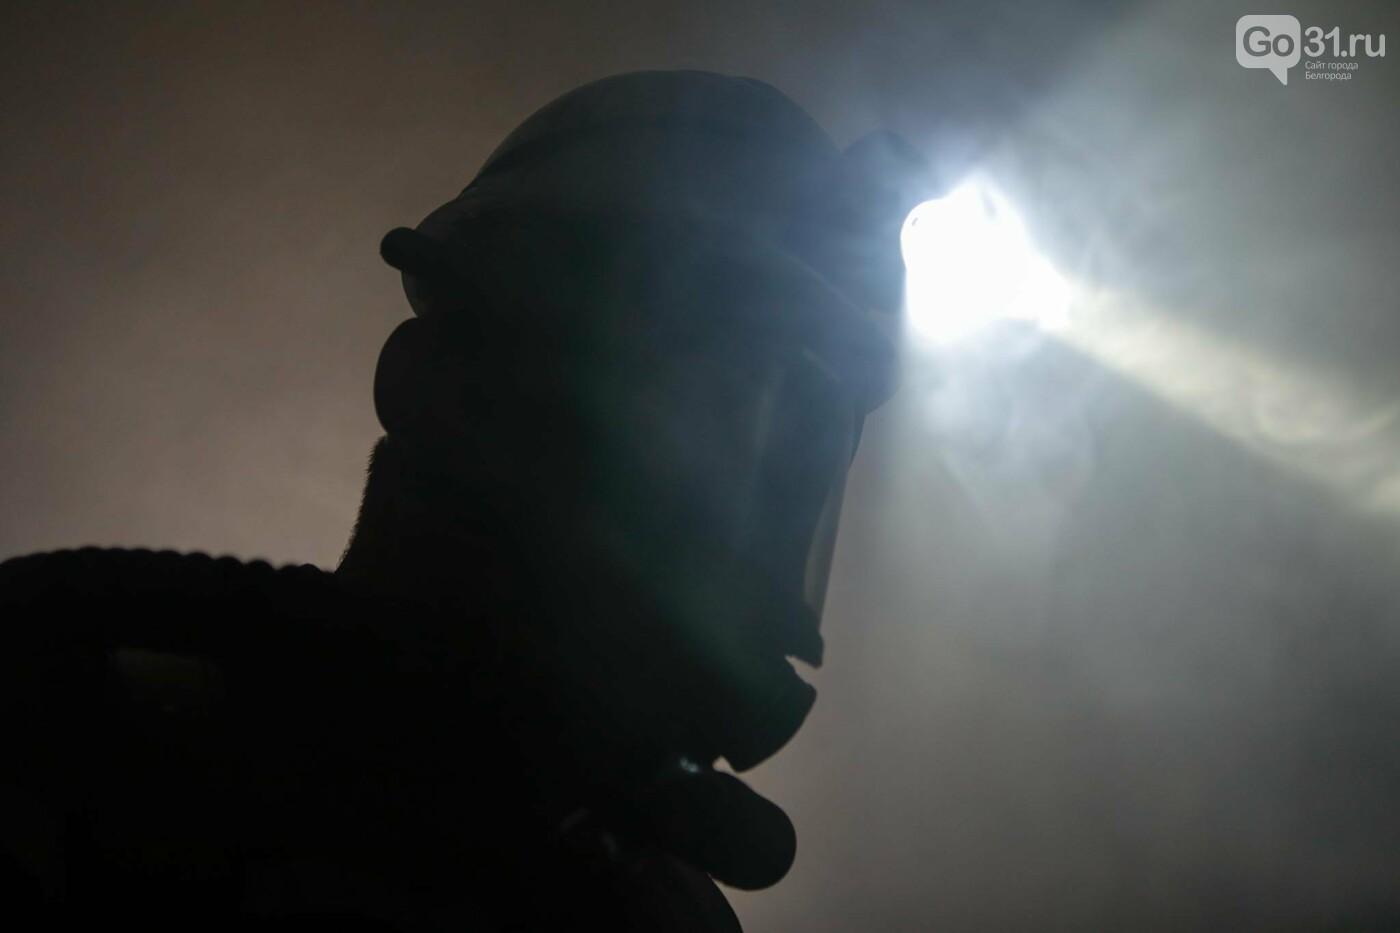 В Белгородской области горноспасатели провели спецоперацию, фото-6